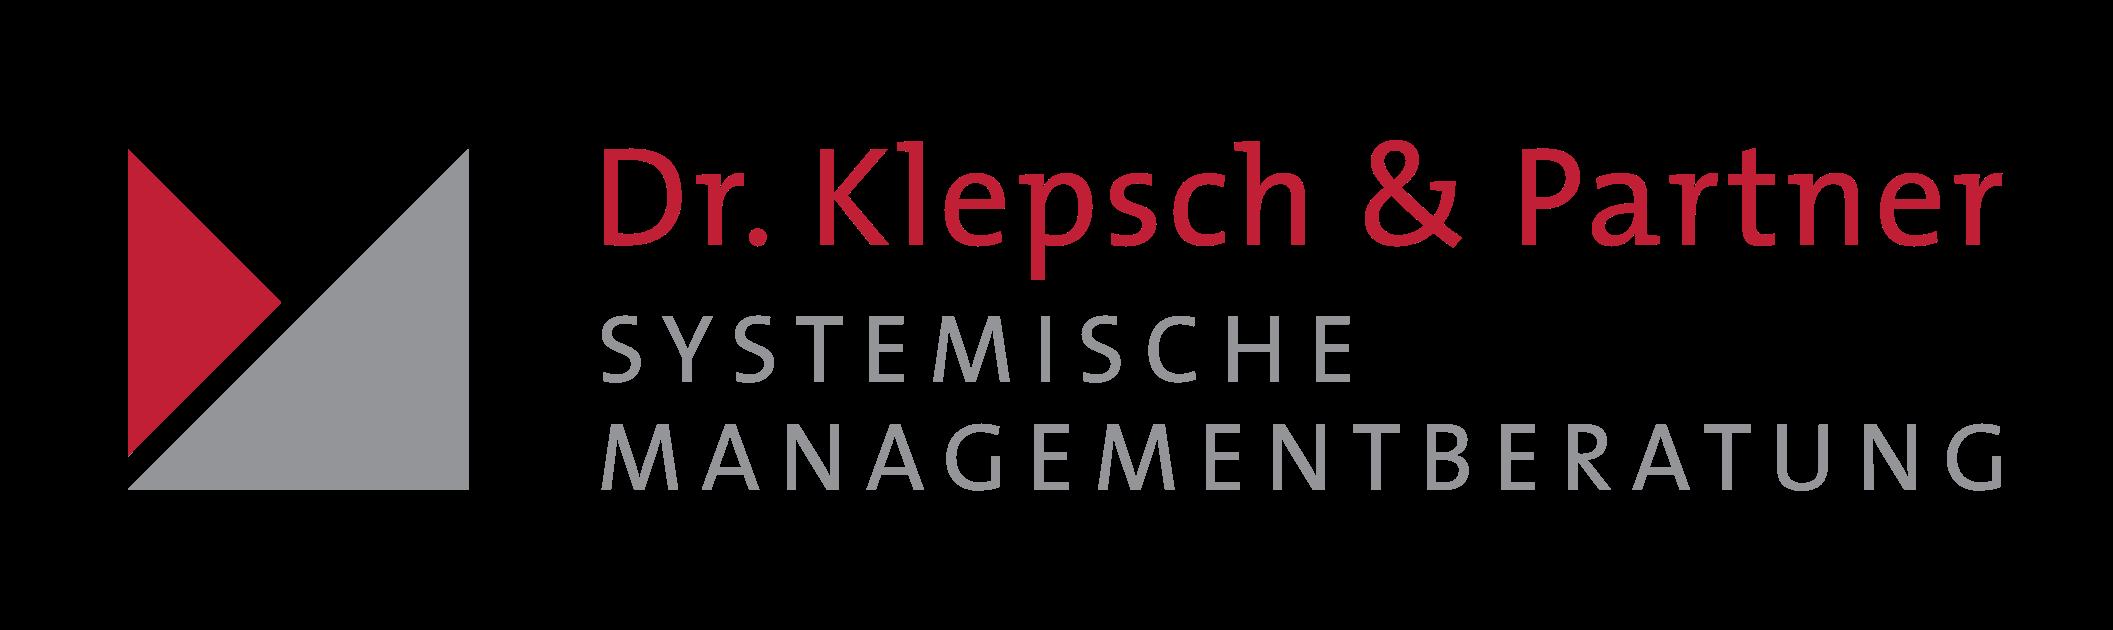 Klepsch und Partner Systemische Management Beratung Hamburg